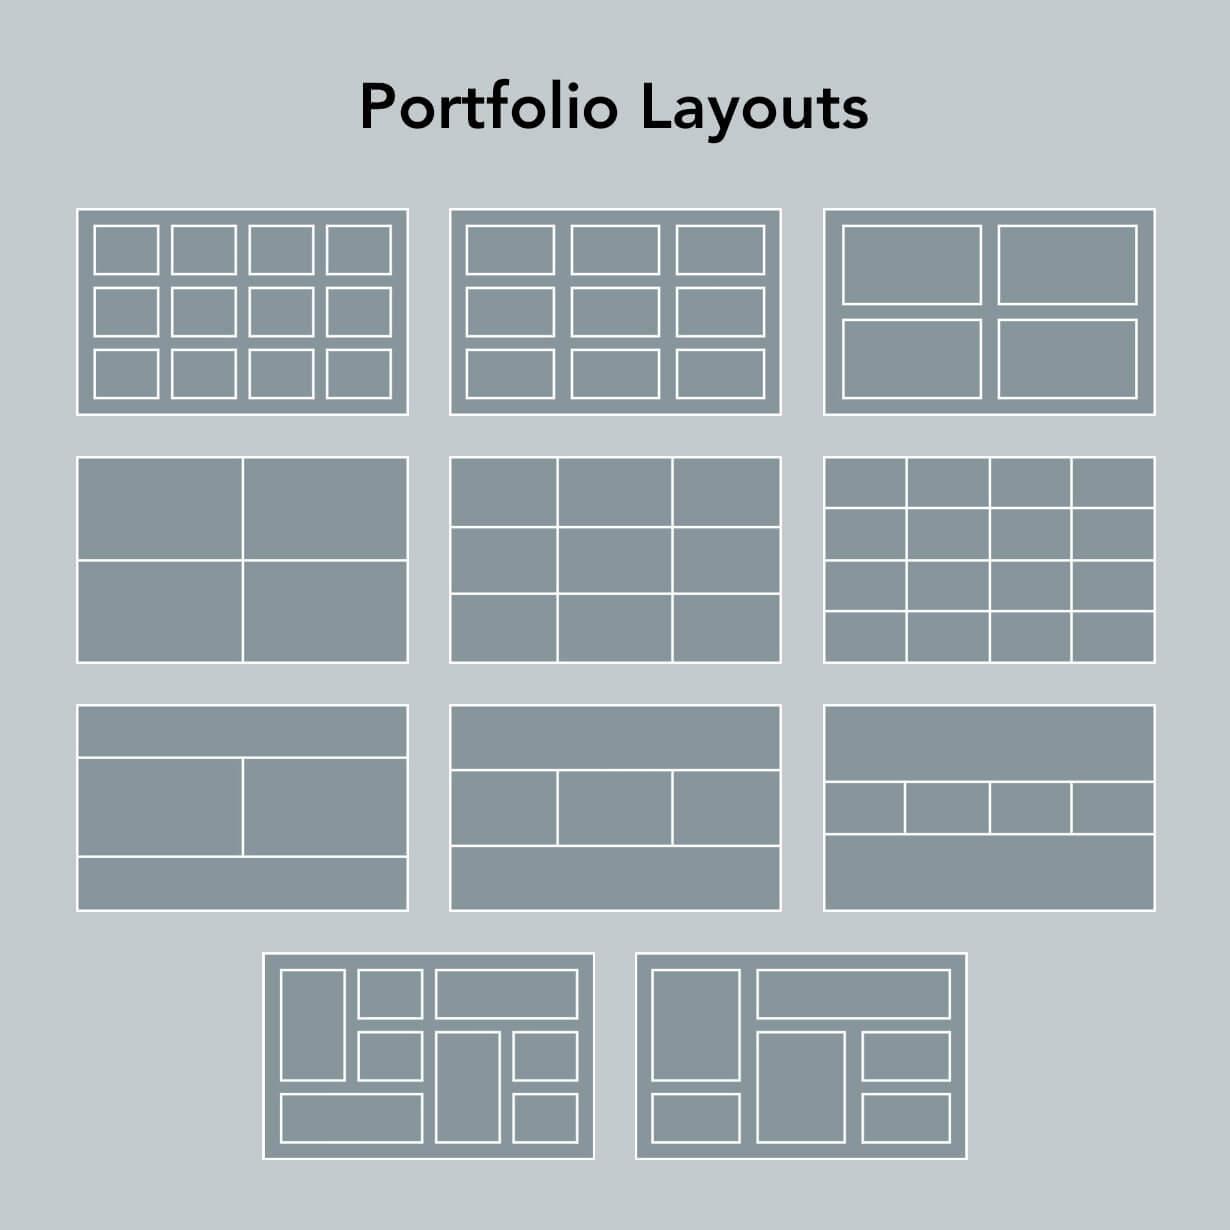 现代多用途室内设计风格WordPress主题模板 Archi – Interior Design WordPress Theme插图(8)